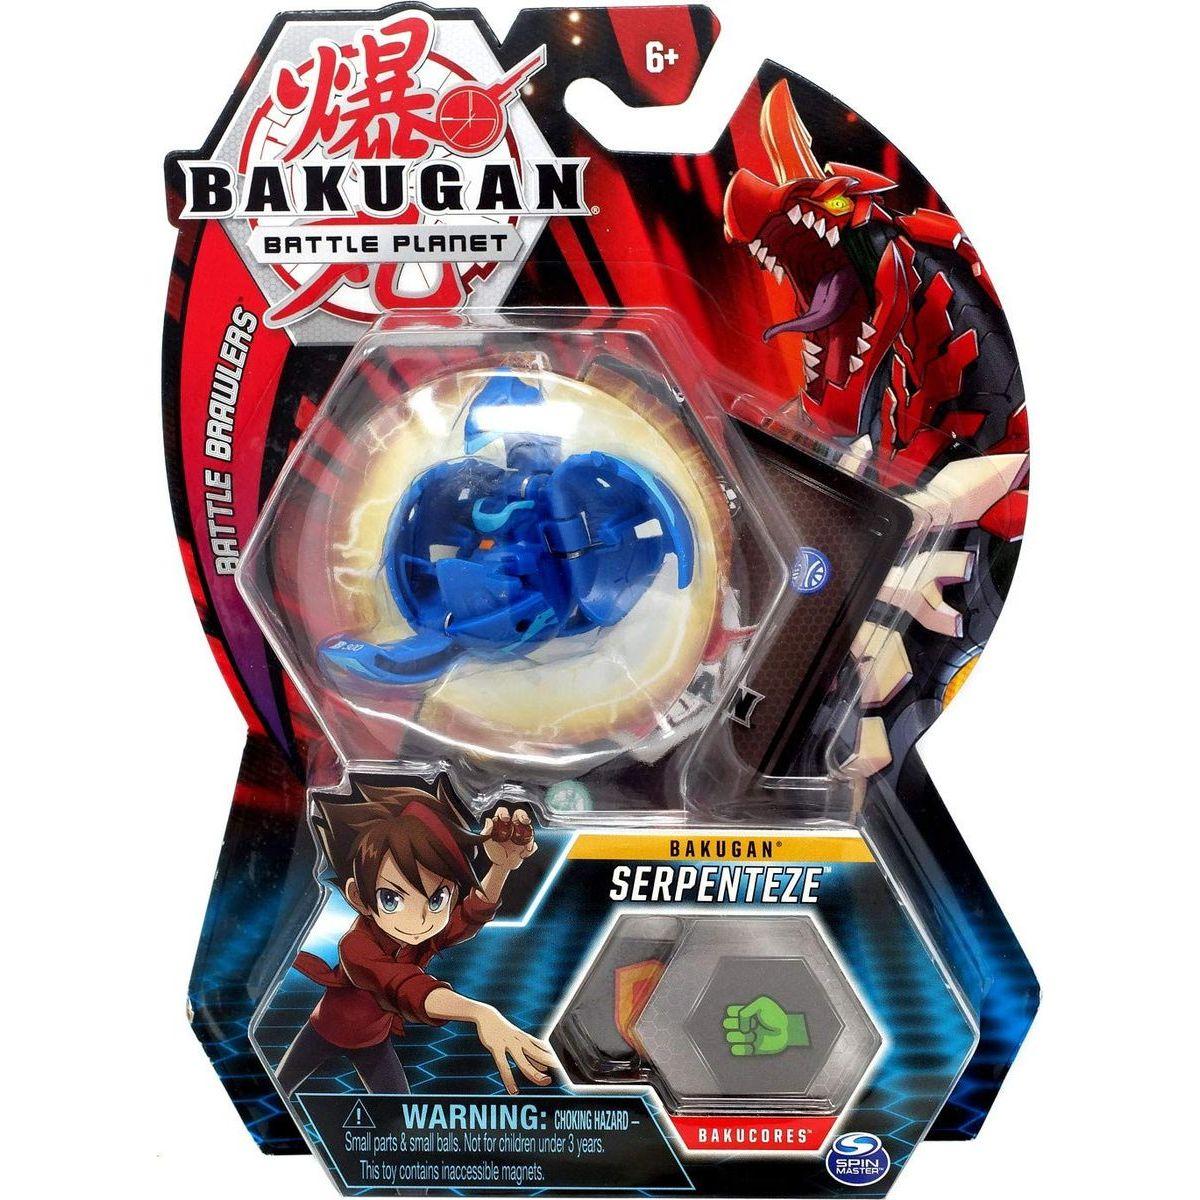 Bakugan základní balení Serpenteze